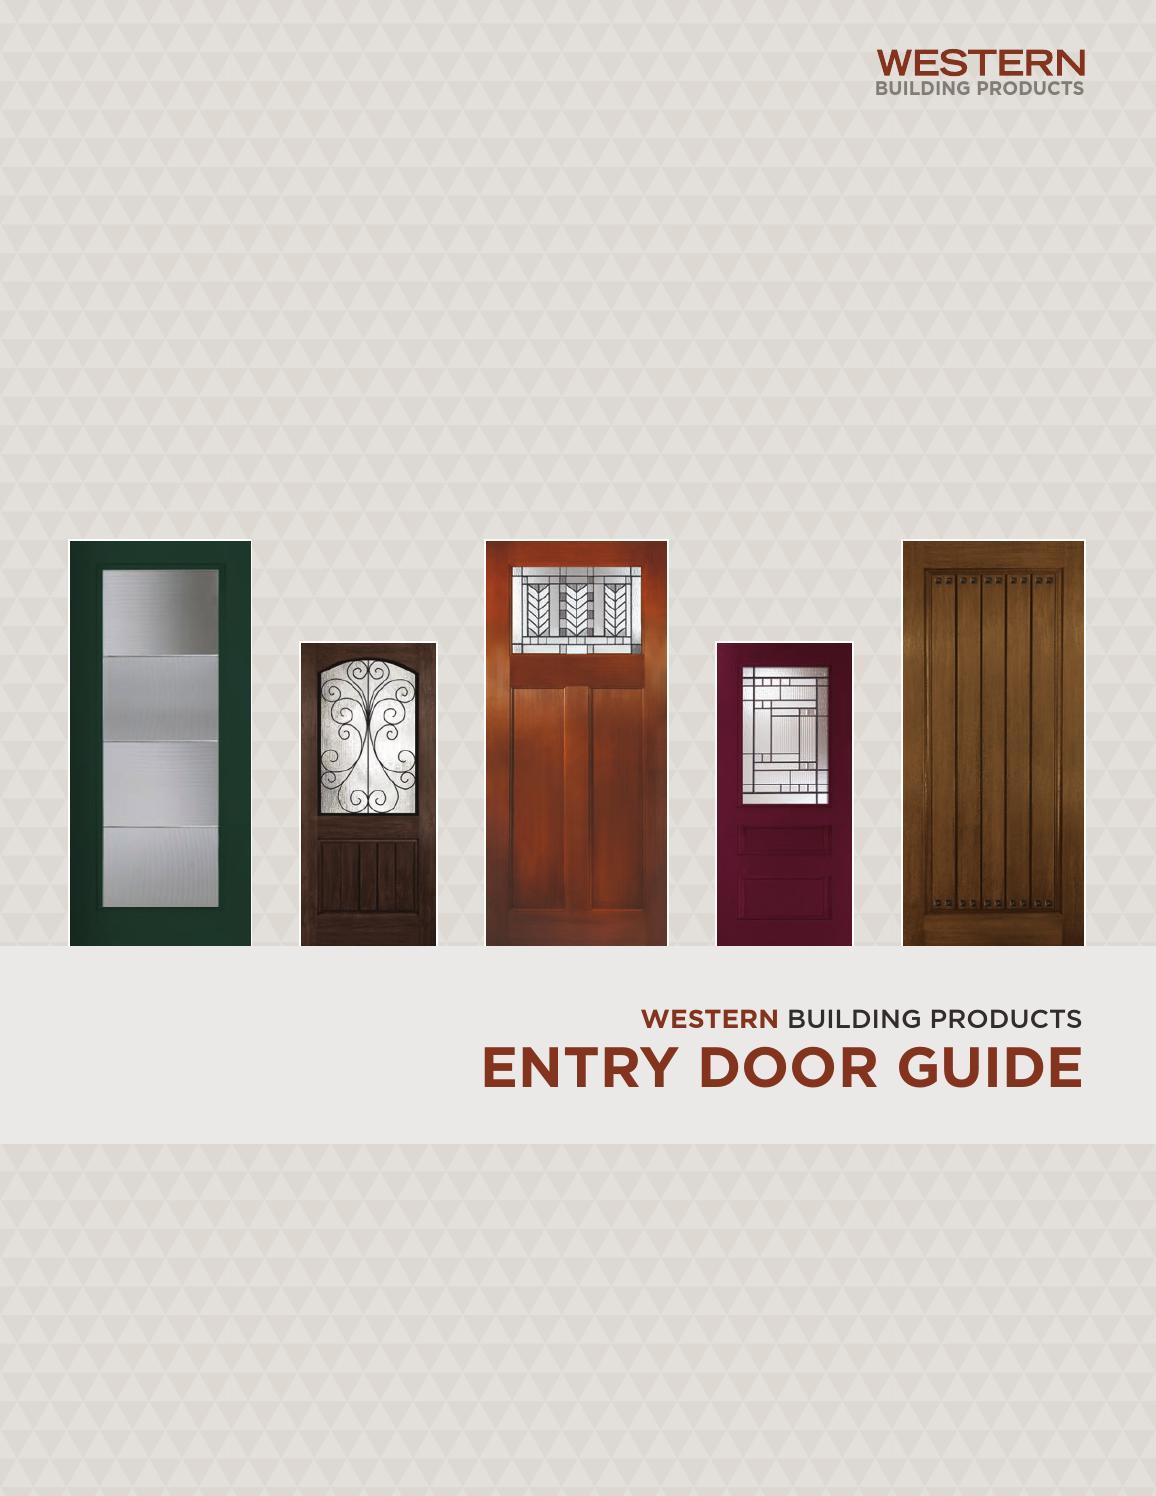 western building products exterior door brochure by bassbone issuu ForWestern Building Products Exterior Doors